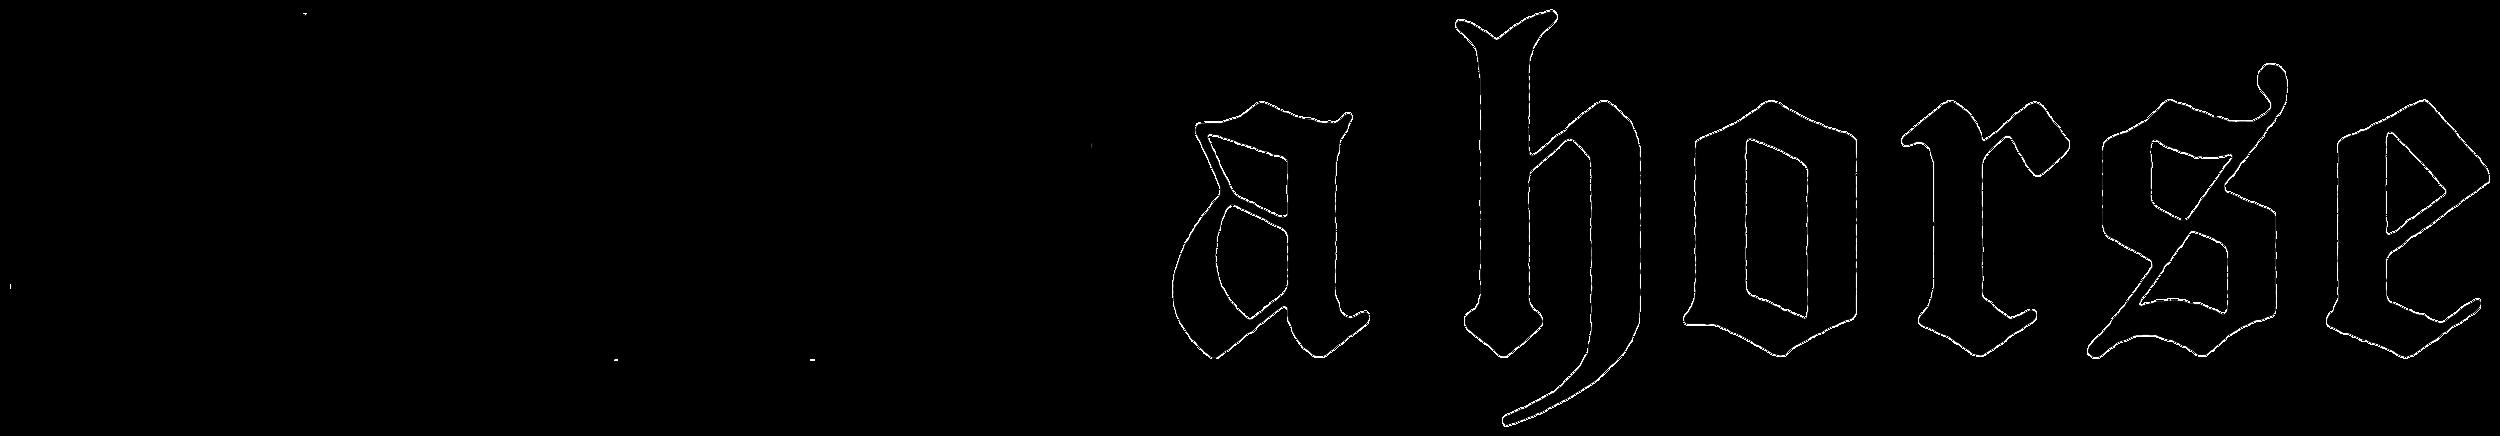 adeerahorse_logo_singleline_print.png